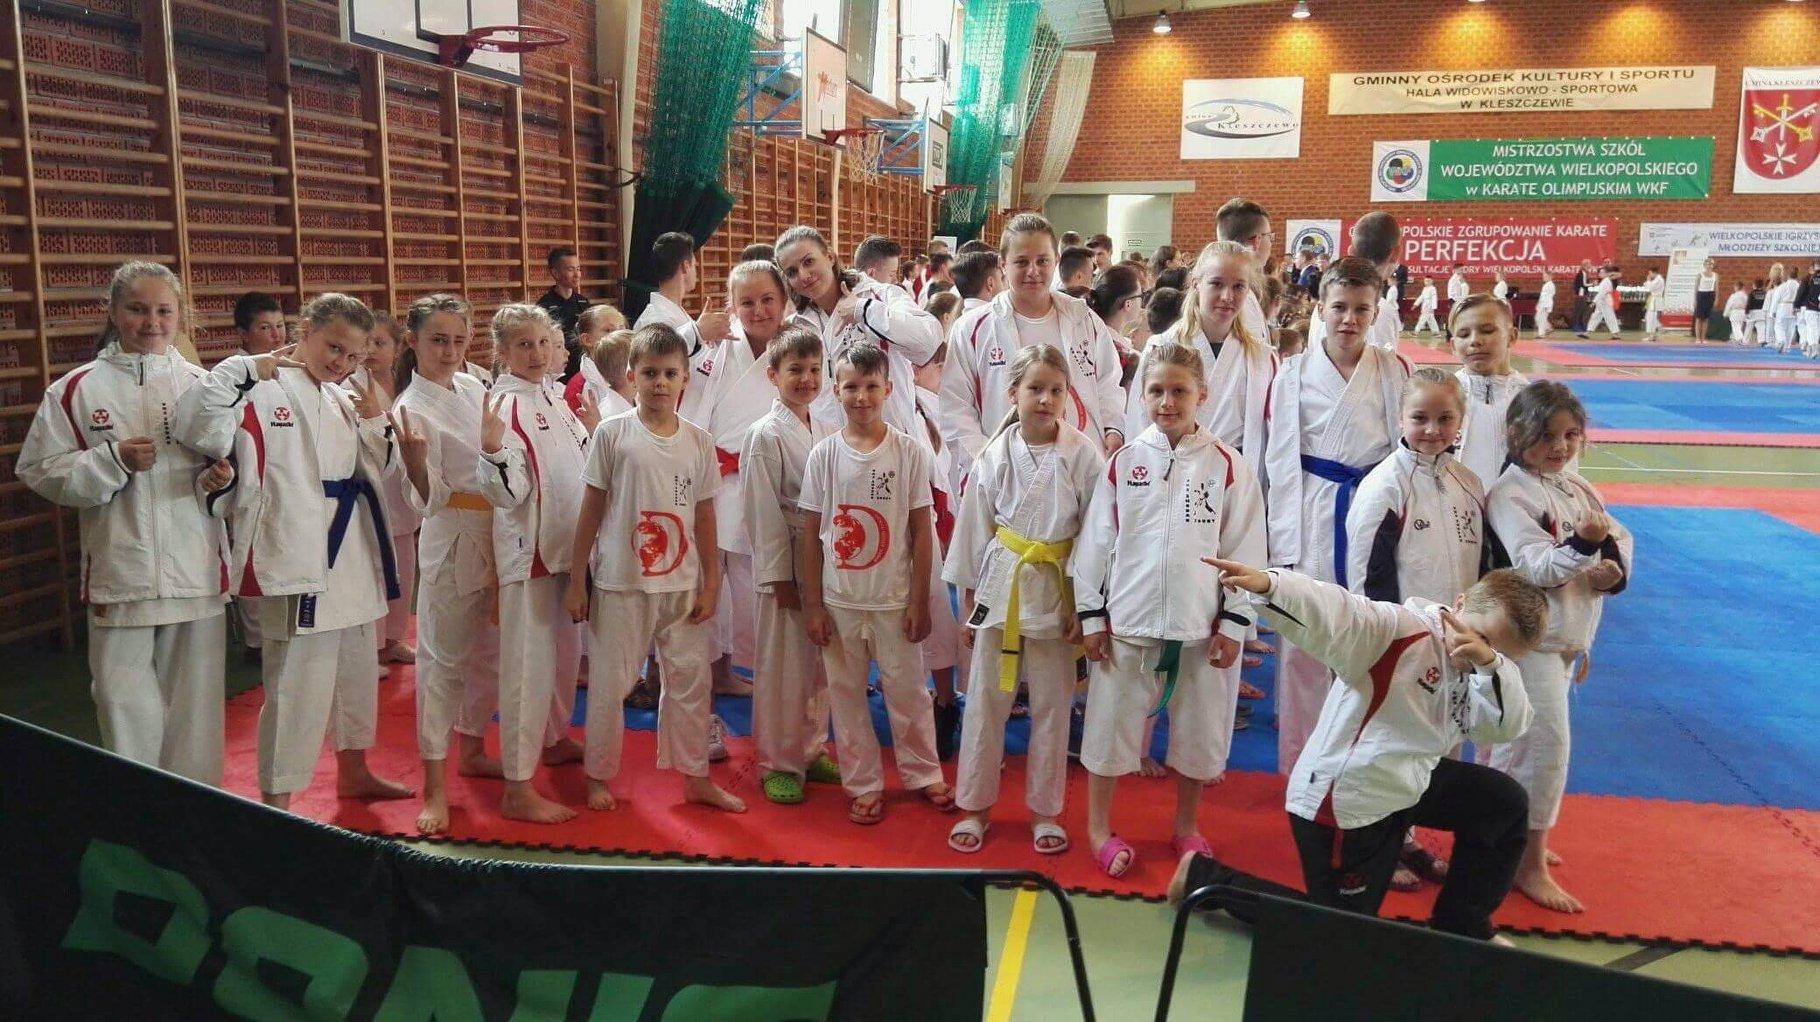 Indywidualne Mistrzostwa Szkół Województwa Wielkopolskiego w Karate Olimpijskim WKF 2018 w Kleszczewie